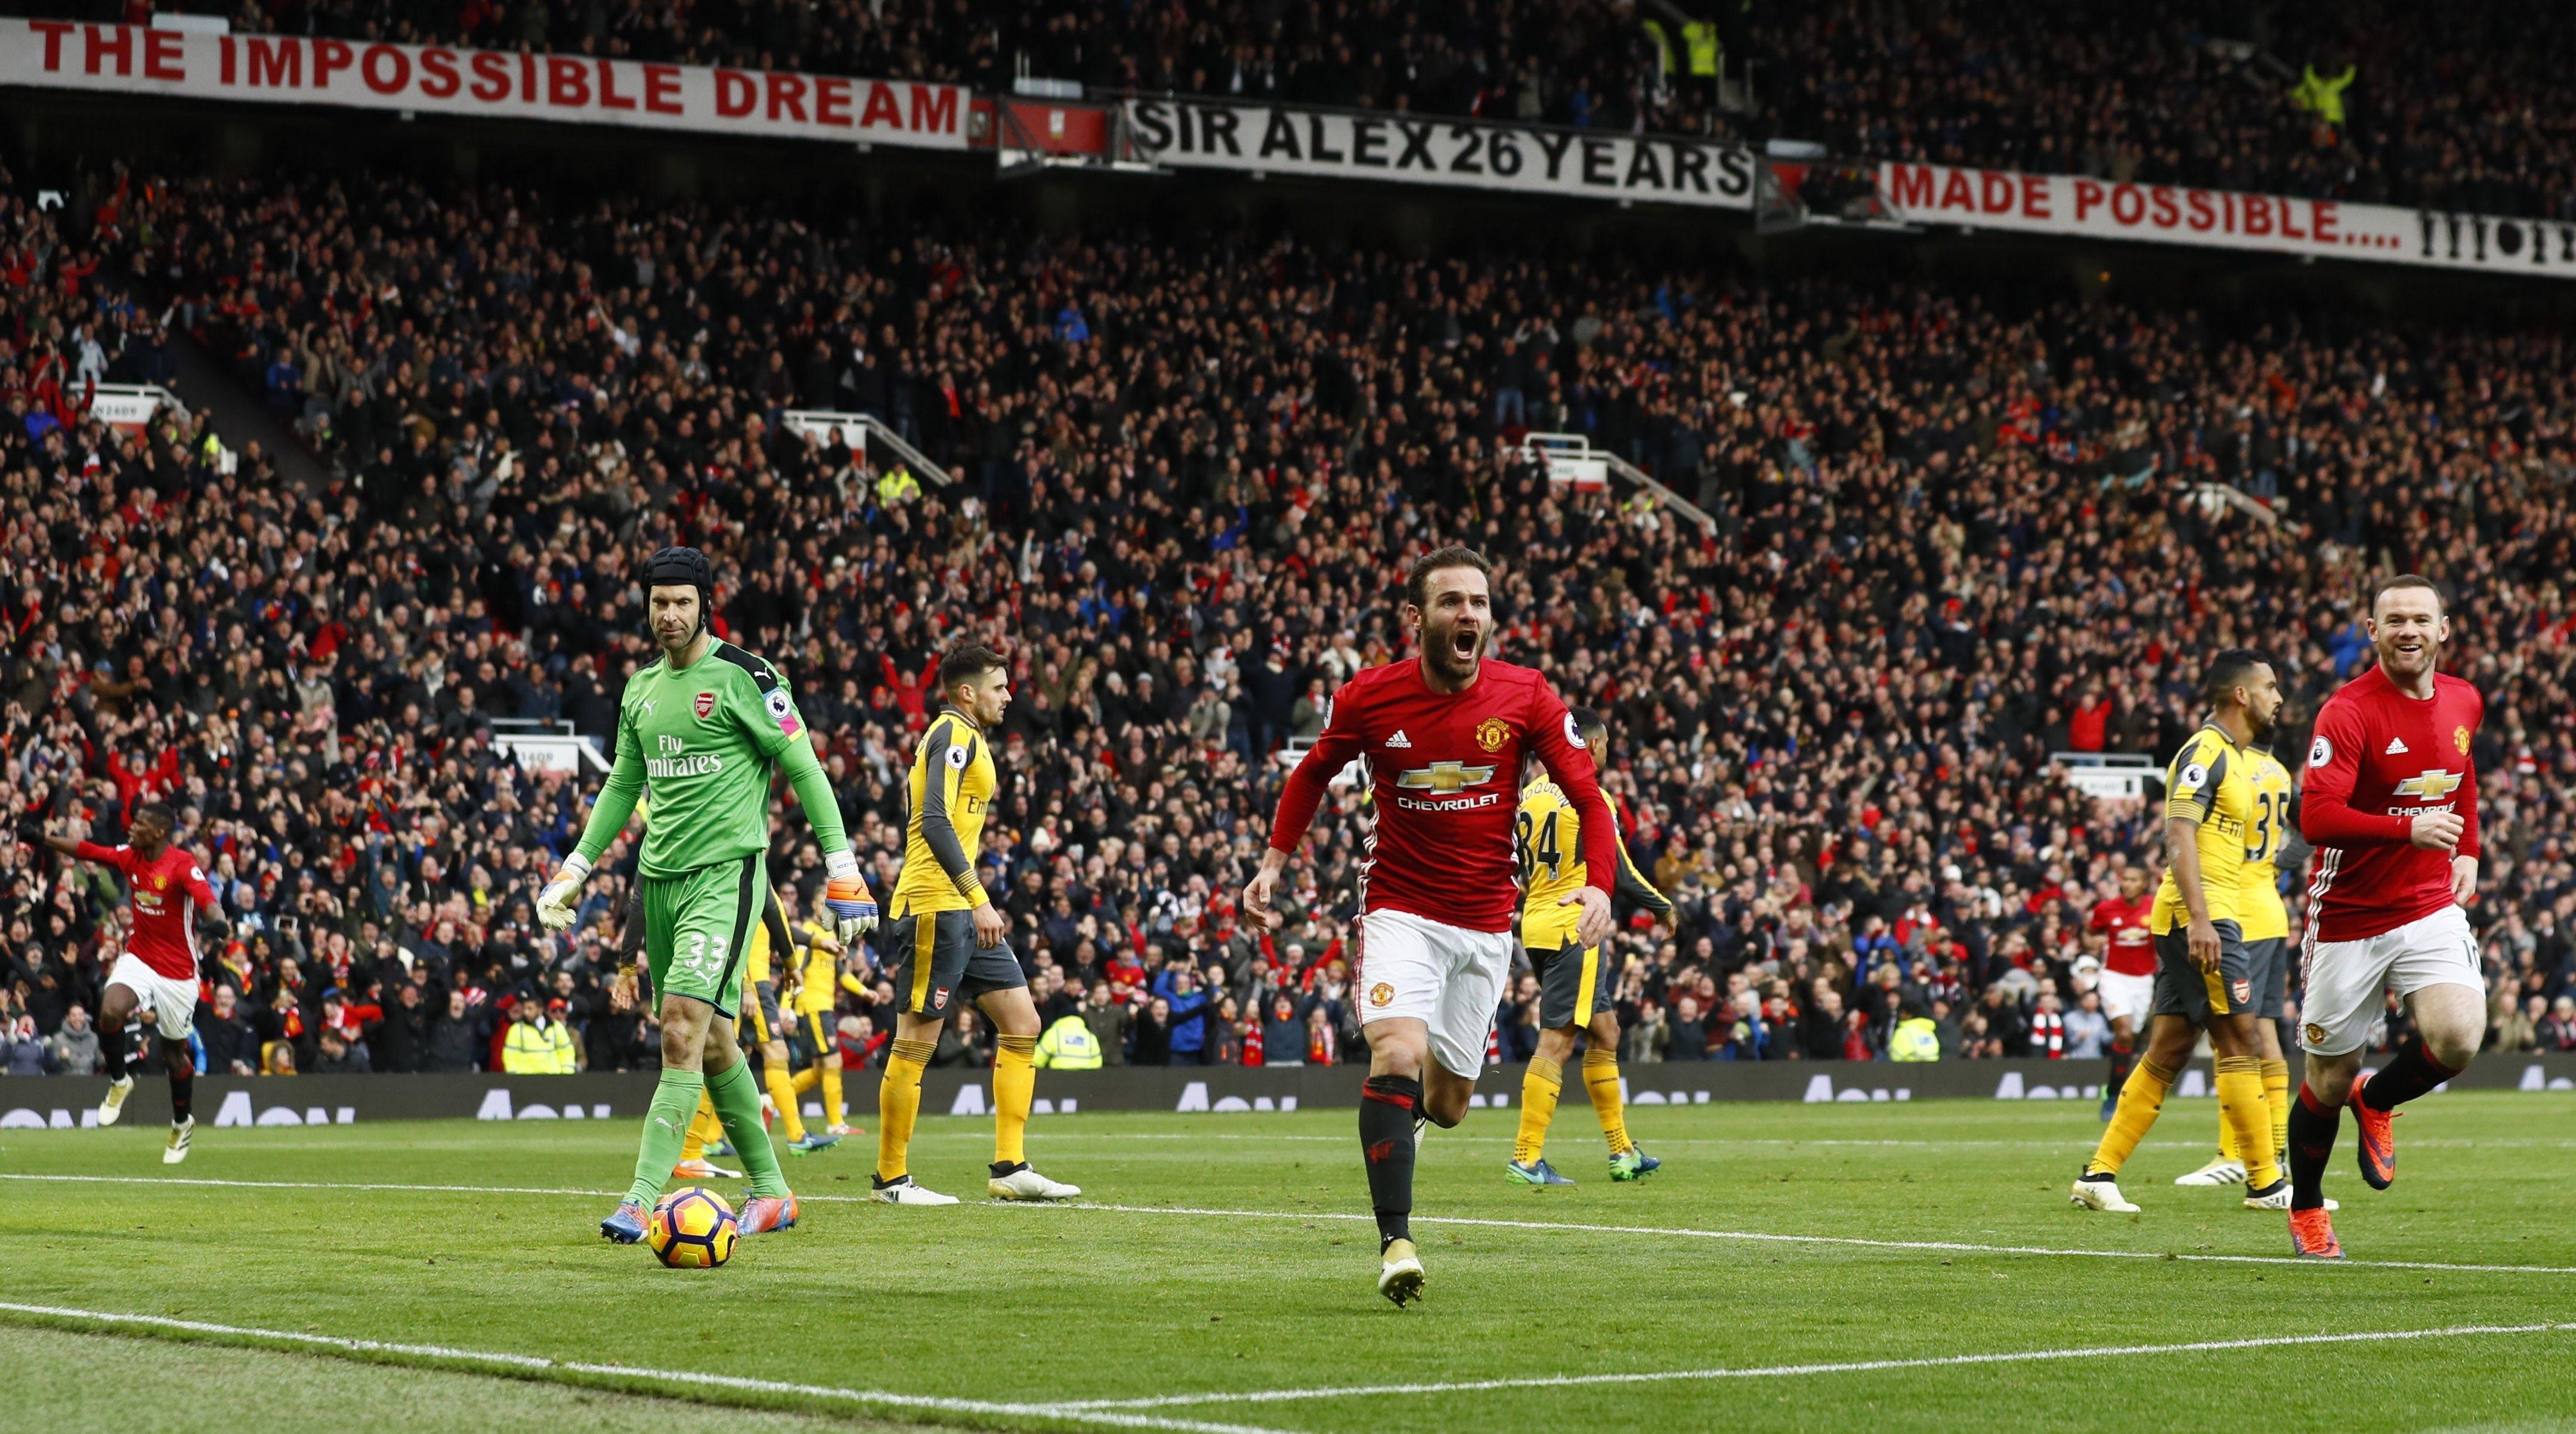 Хуан Мата Манчестер Юнайтед - Арсенал